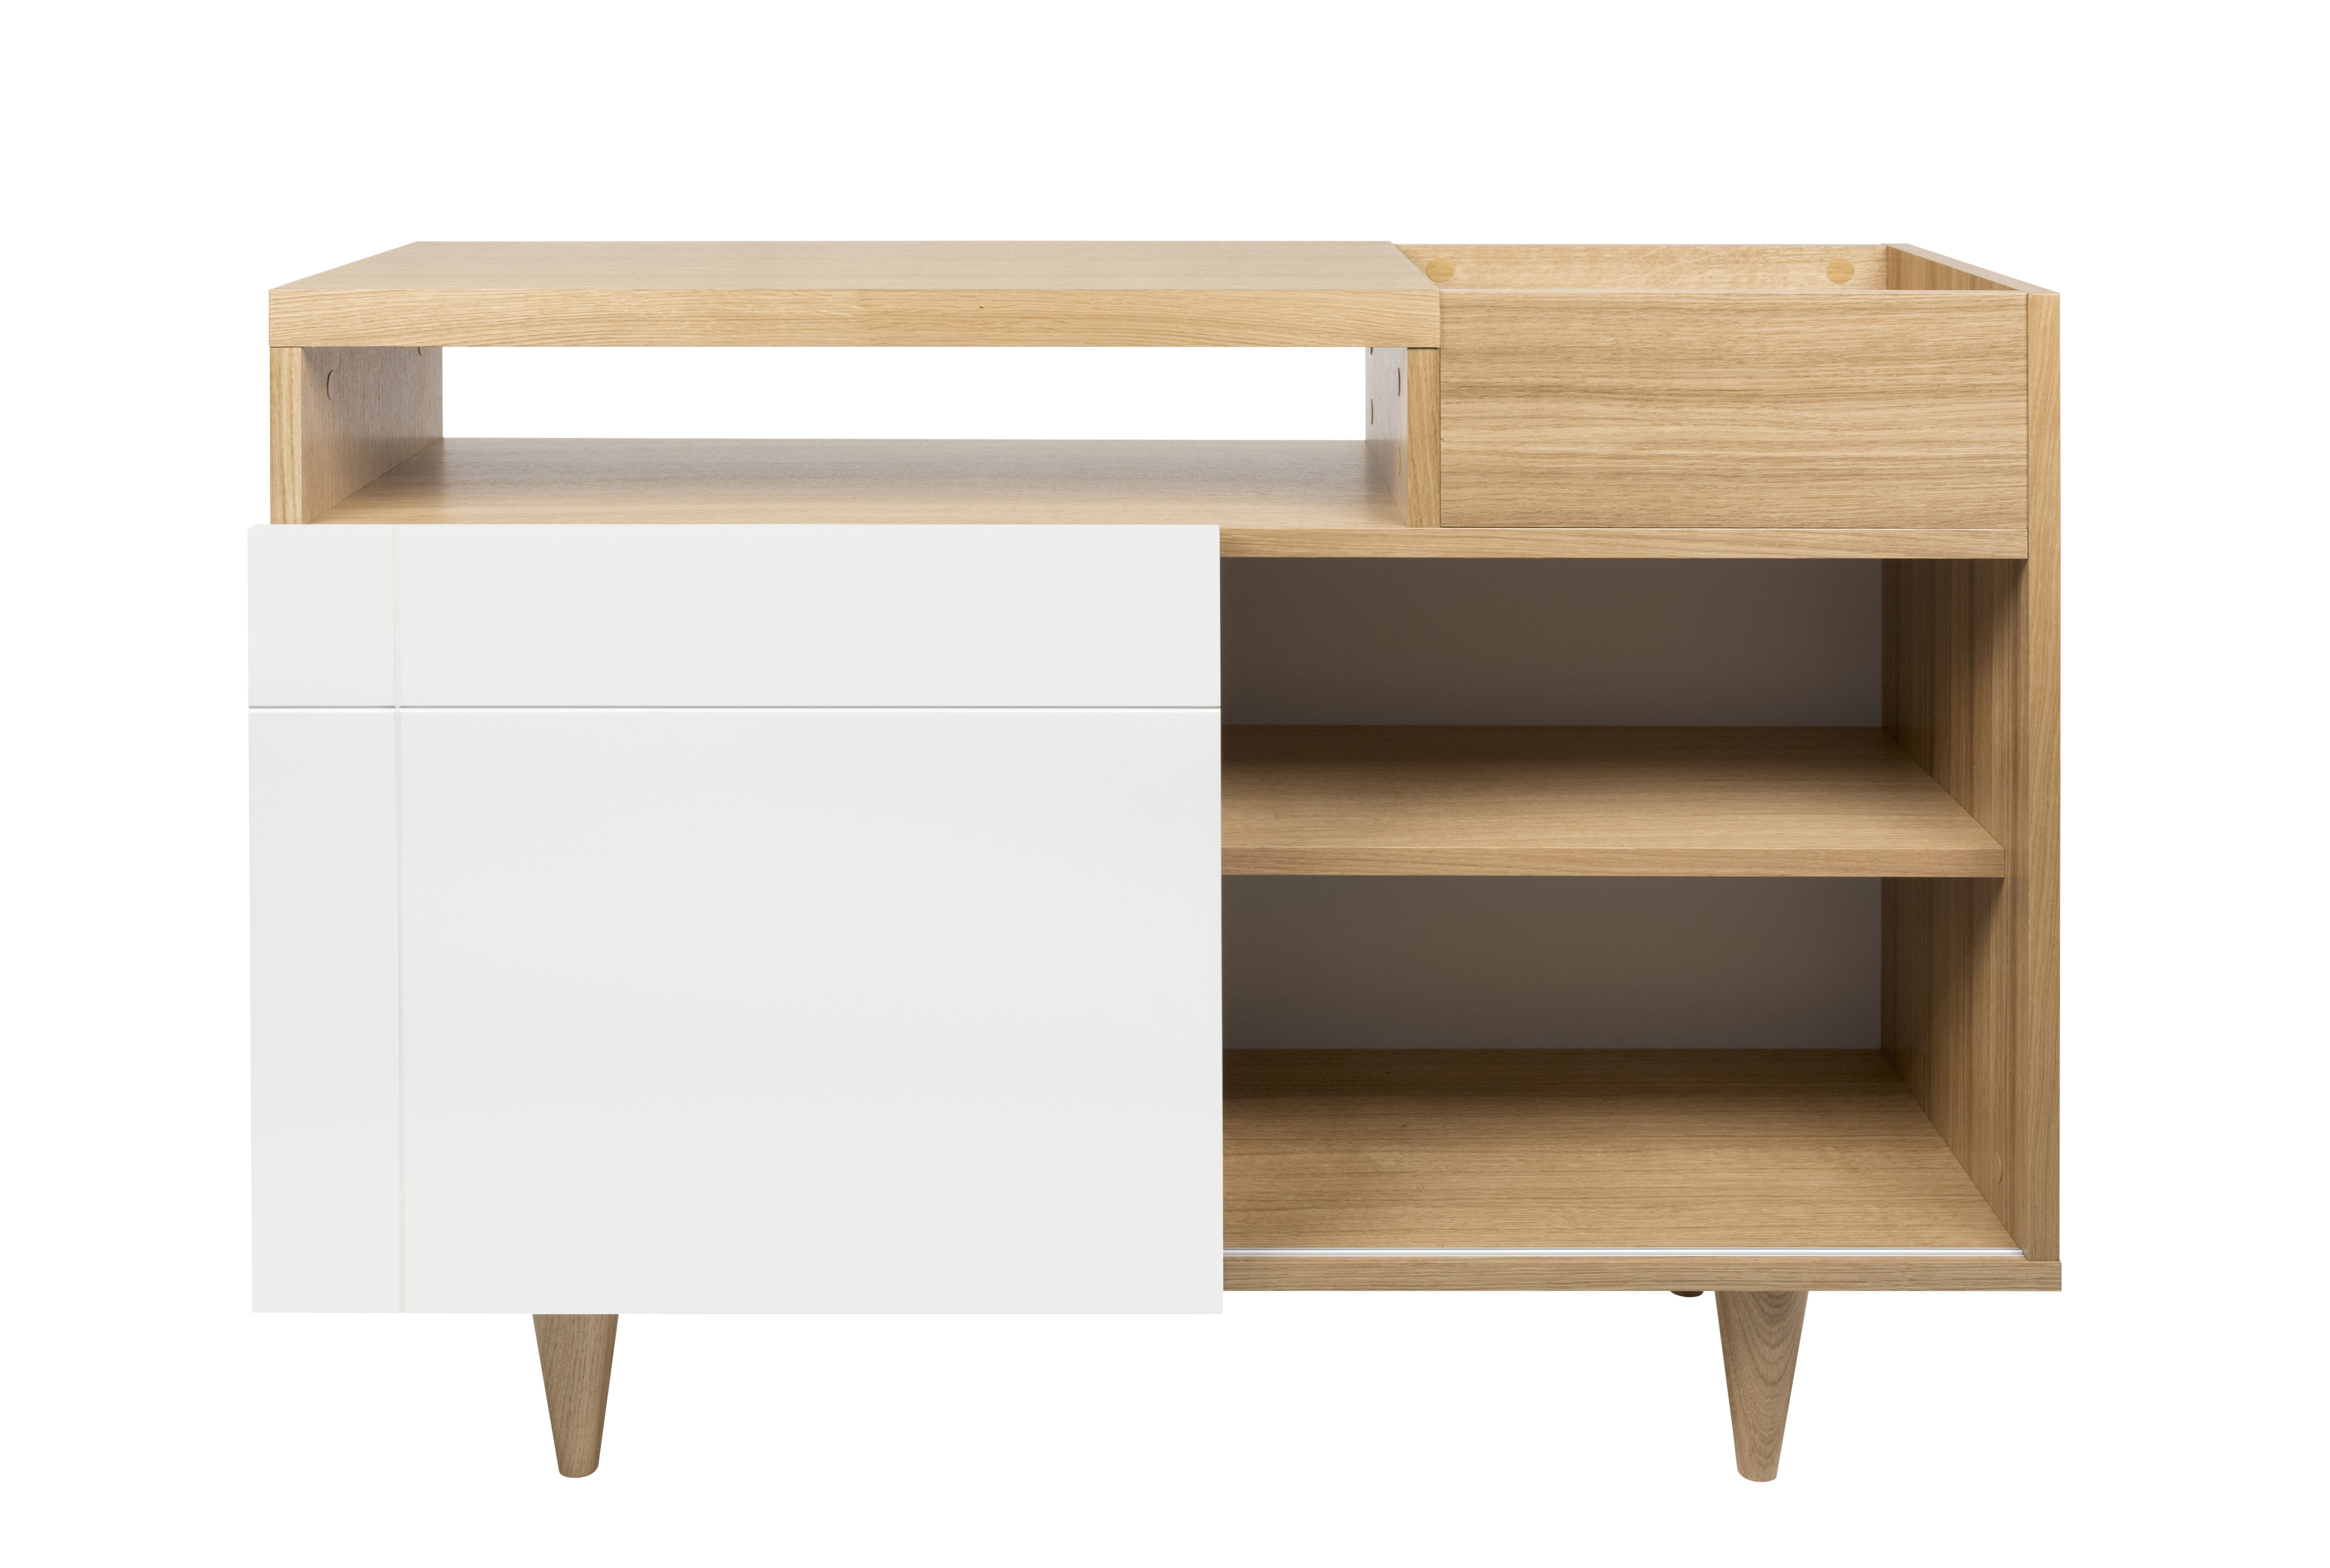 Arredamento - Contenitori, Credenze... - Credenza Slide / L 110 x H 82 cm - POP UP HOME - Bianco / Rovere - Aggloméré plaqué chêne, MDF tinto